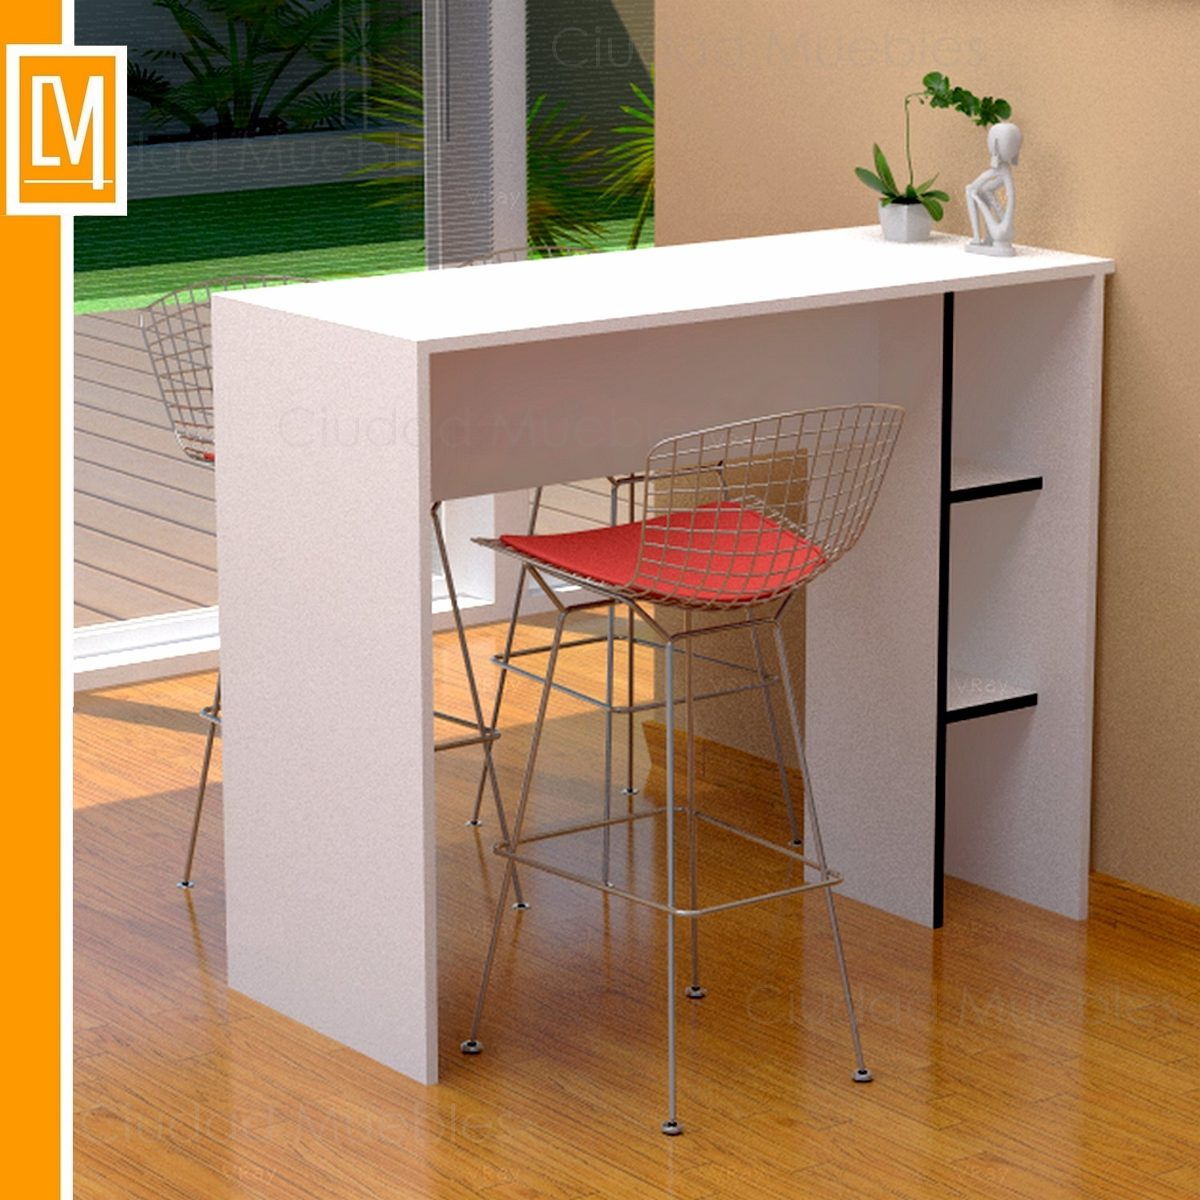 Barra cocina cocinas barra americana sillas madera ideas for Mueble barra cocina